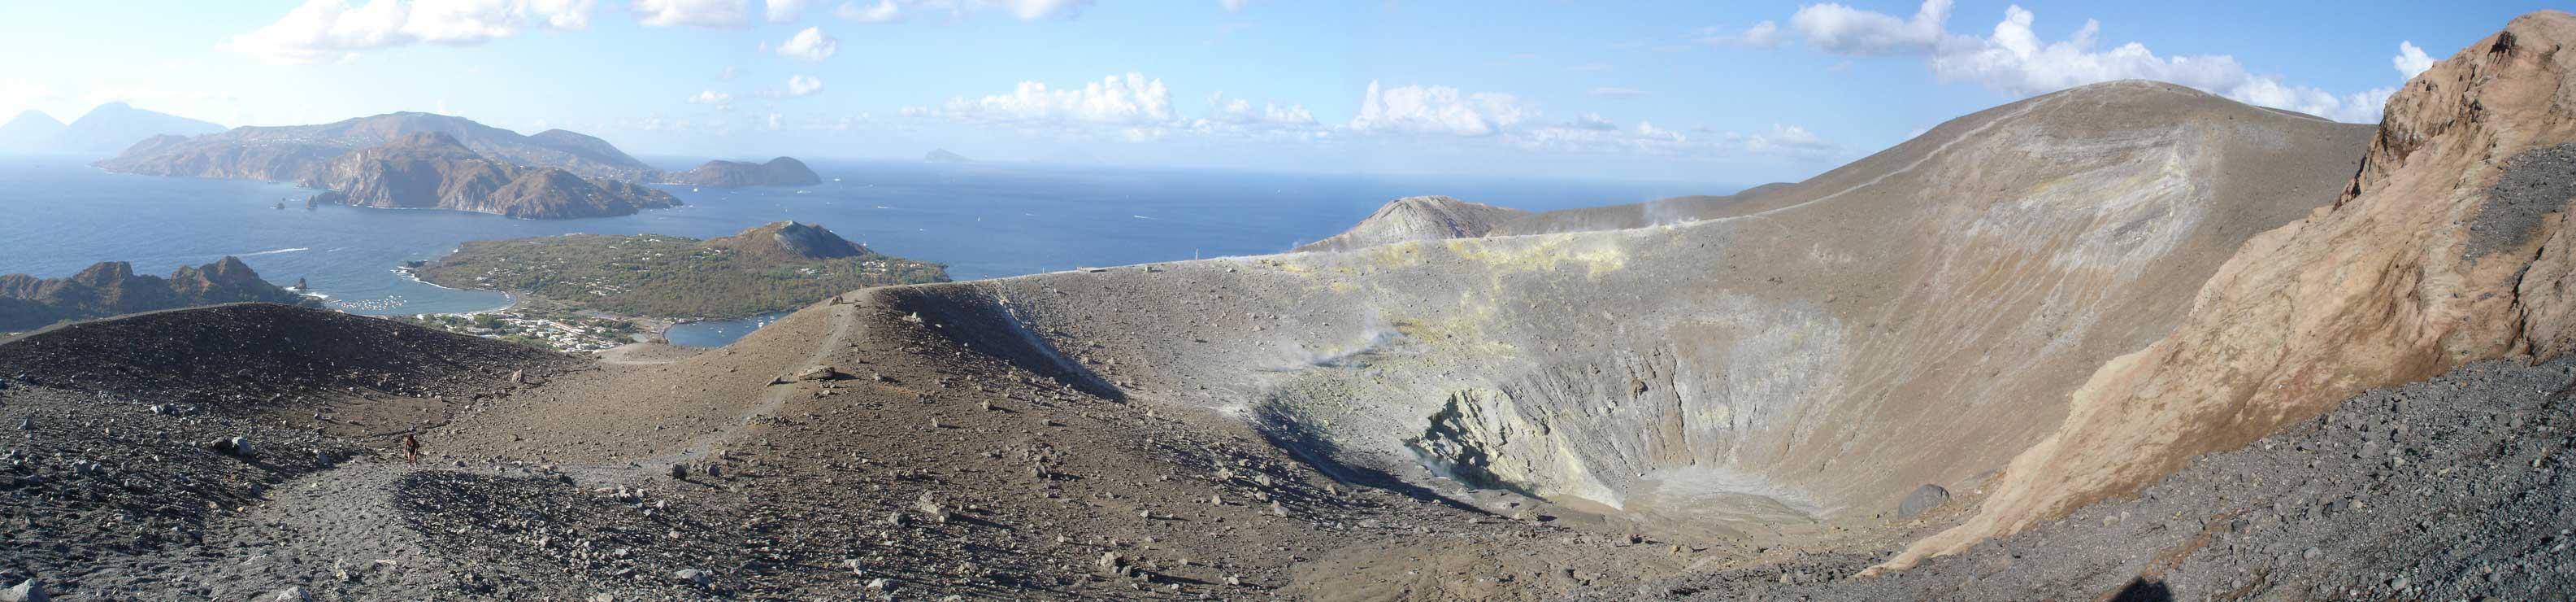 Escursioni sul gran cratere di Vulcano